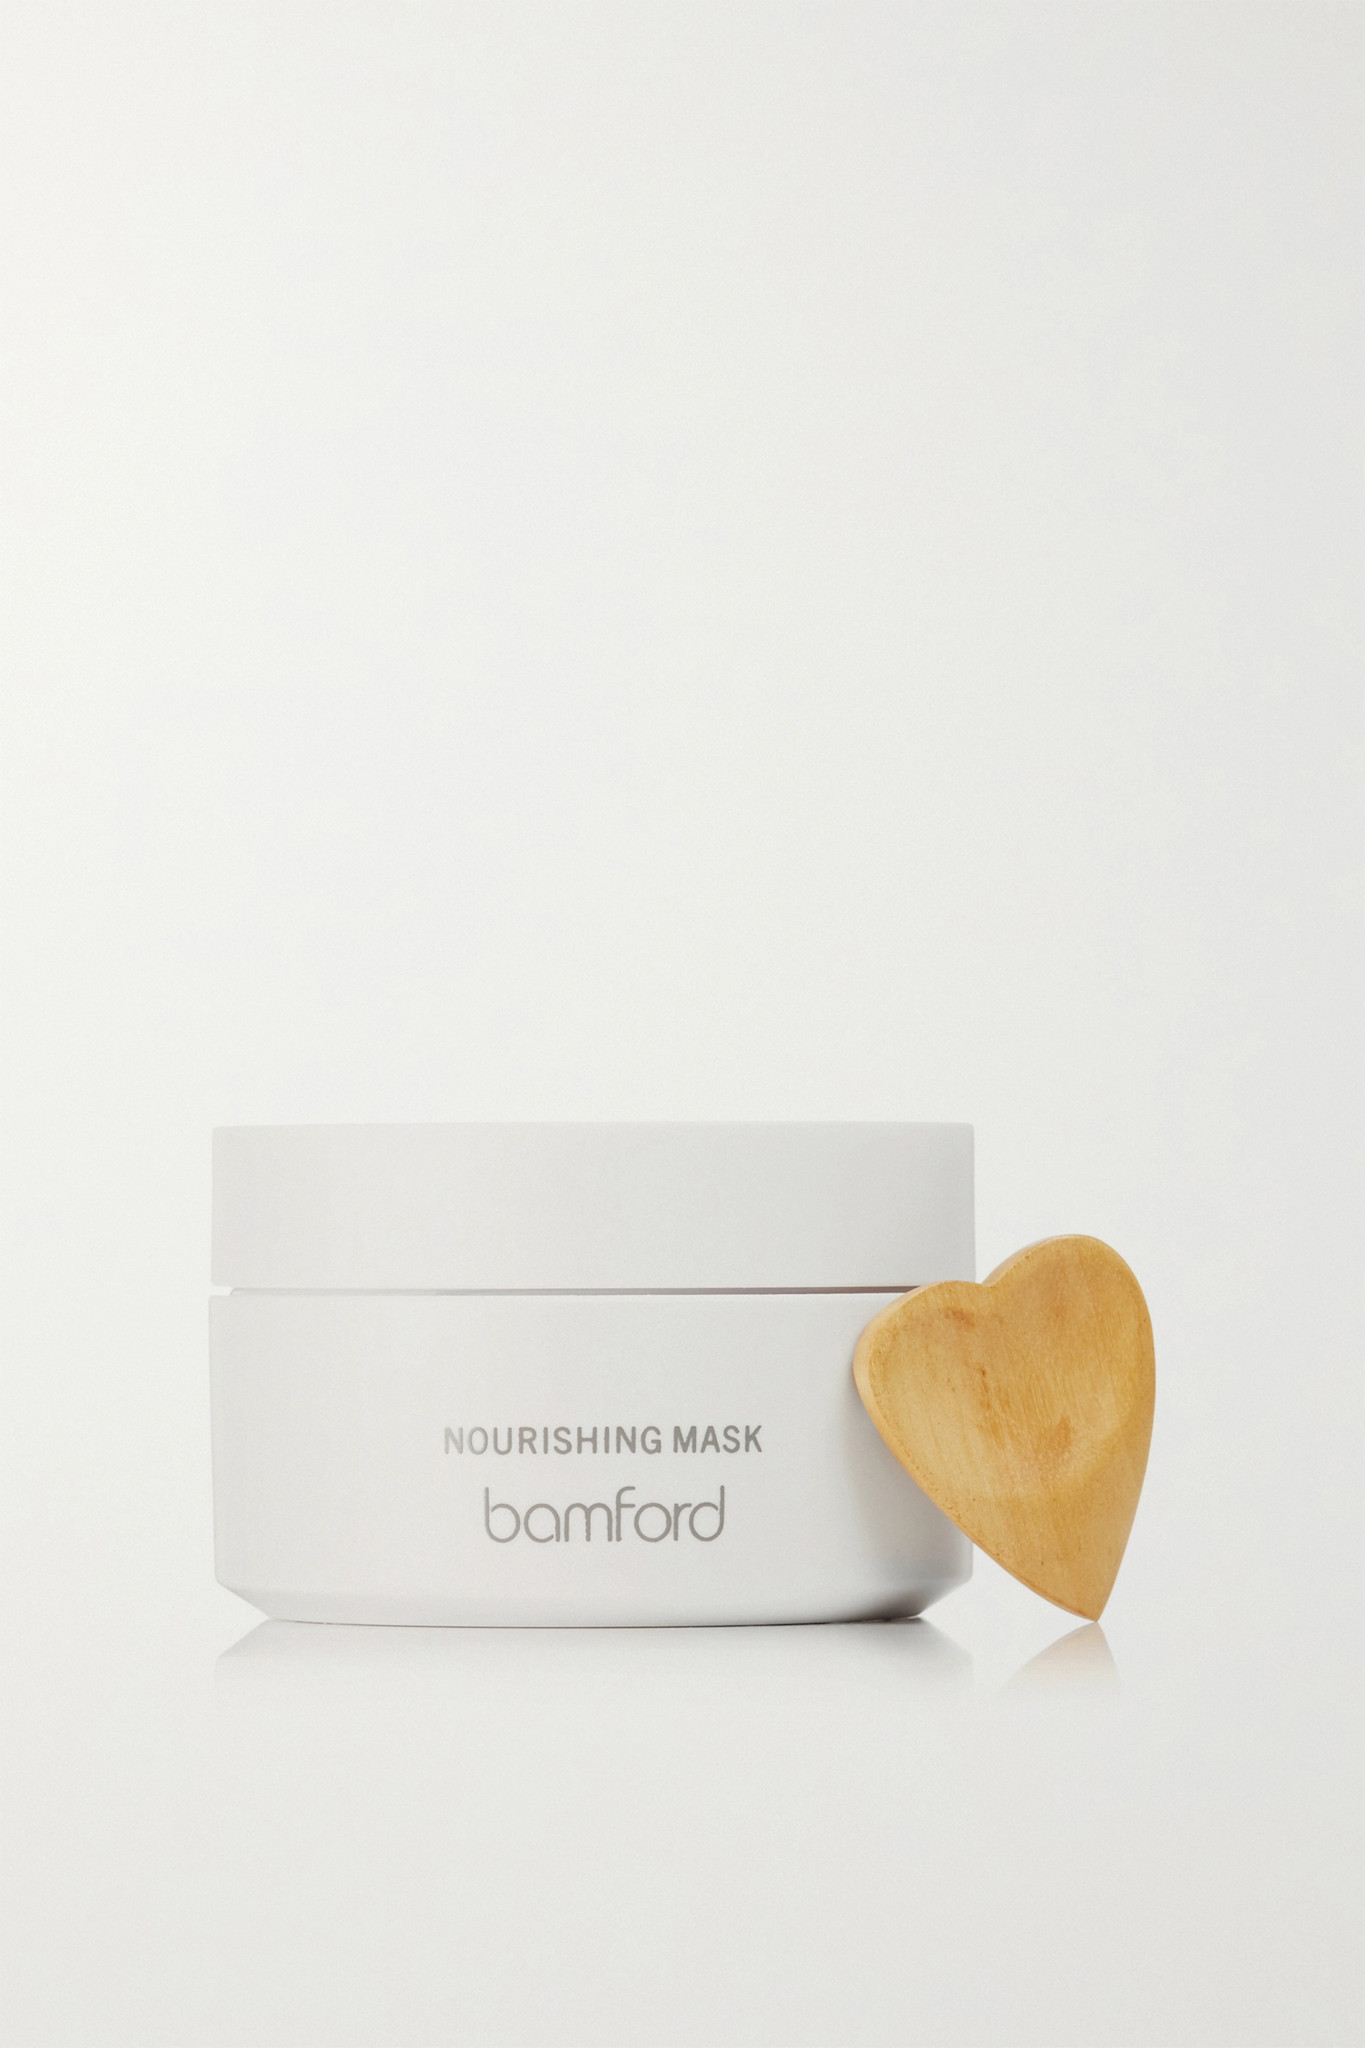 BAMFORD - Nourishing Mask, 45ml - one size